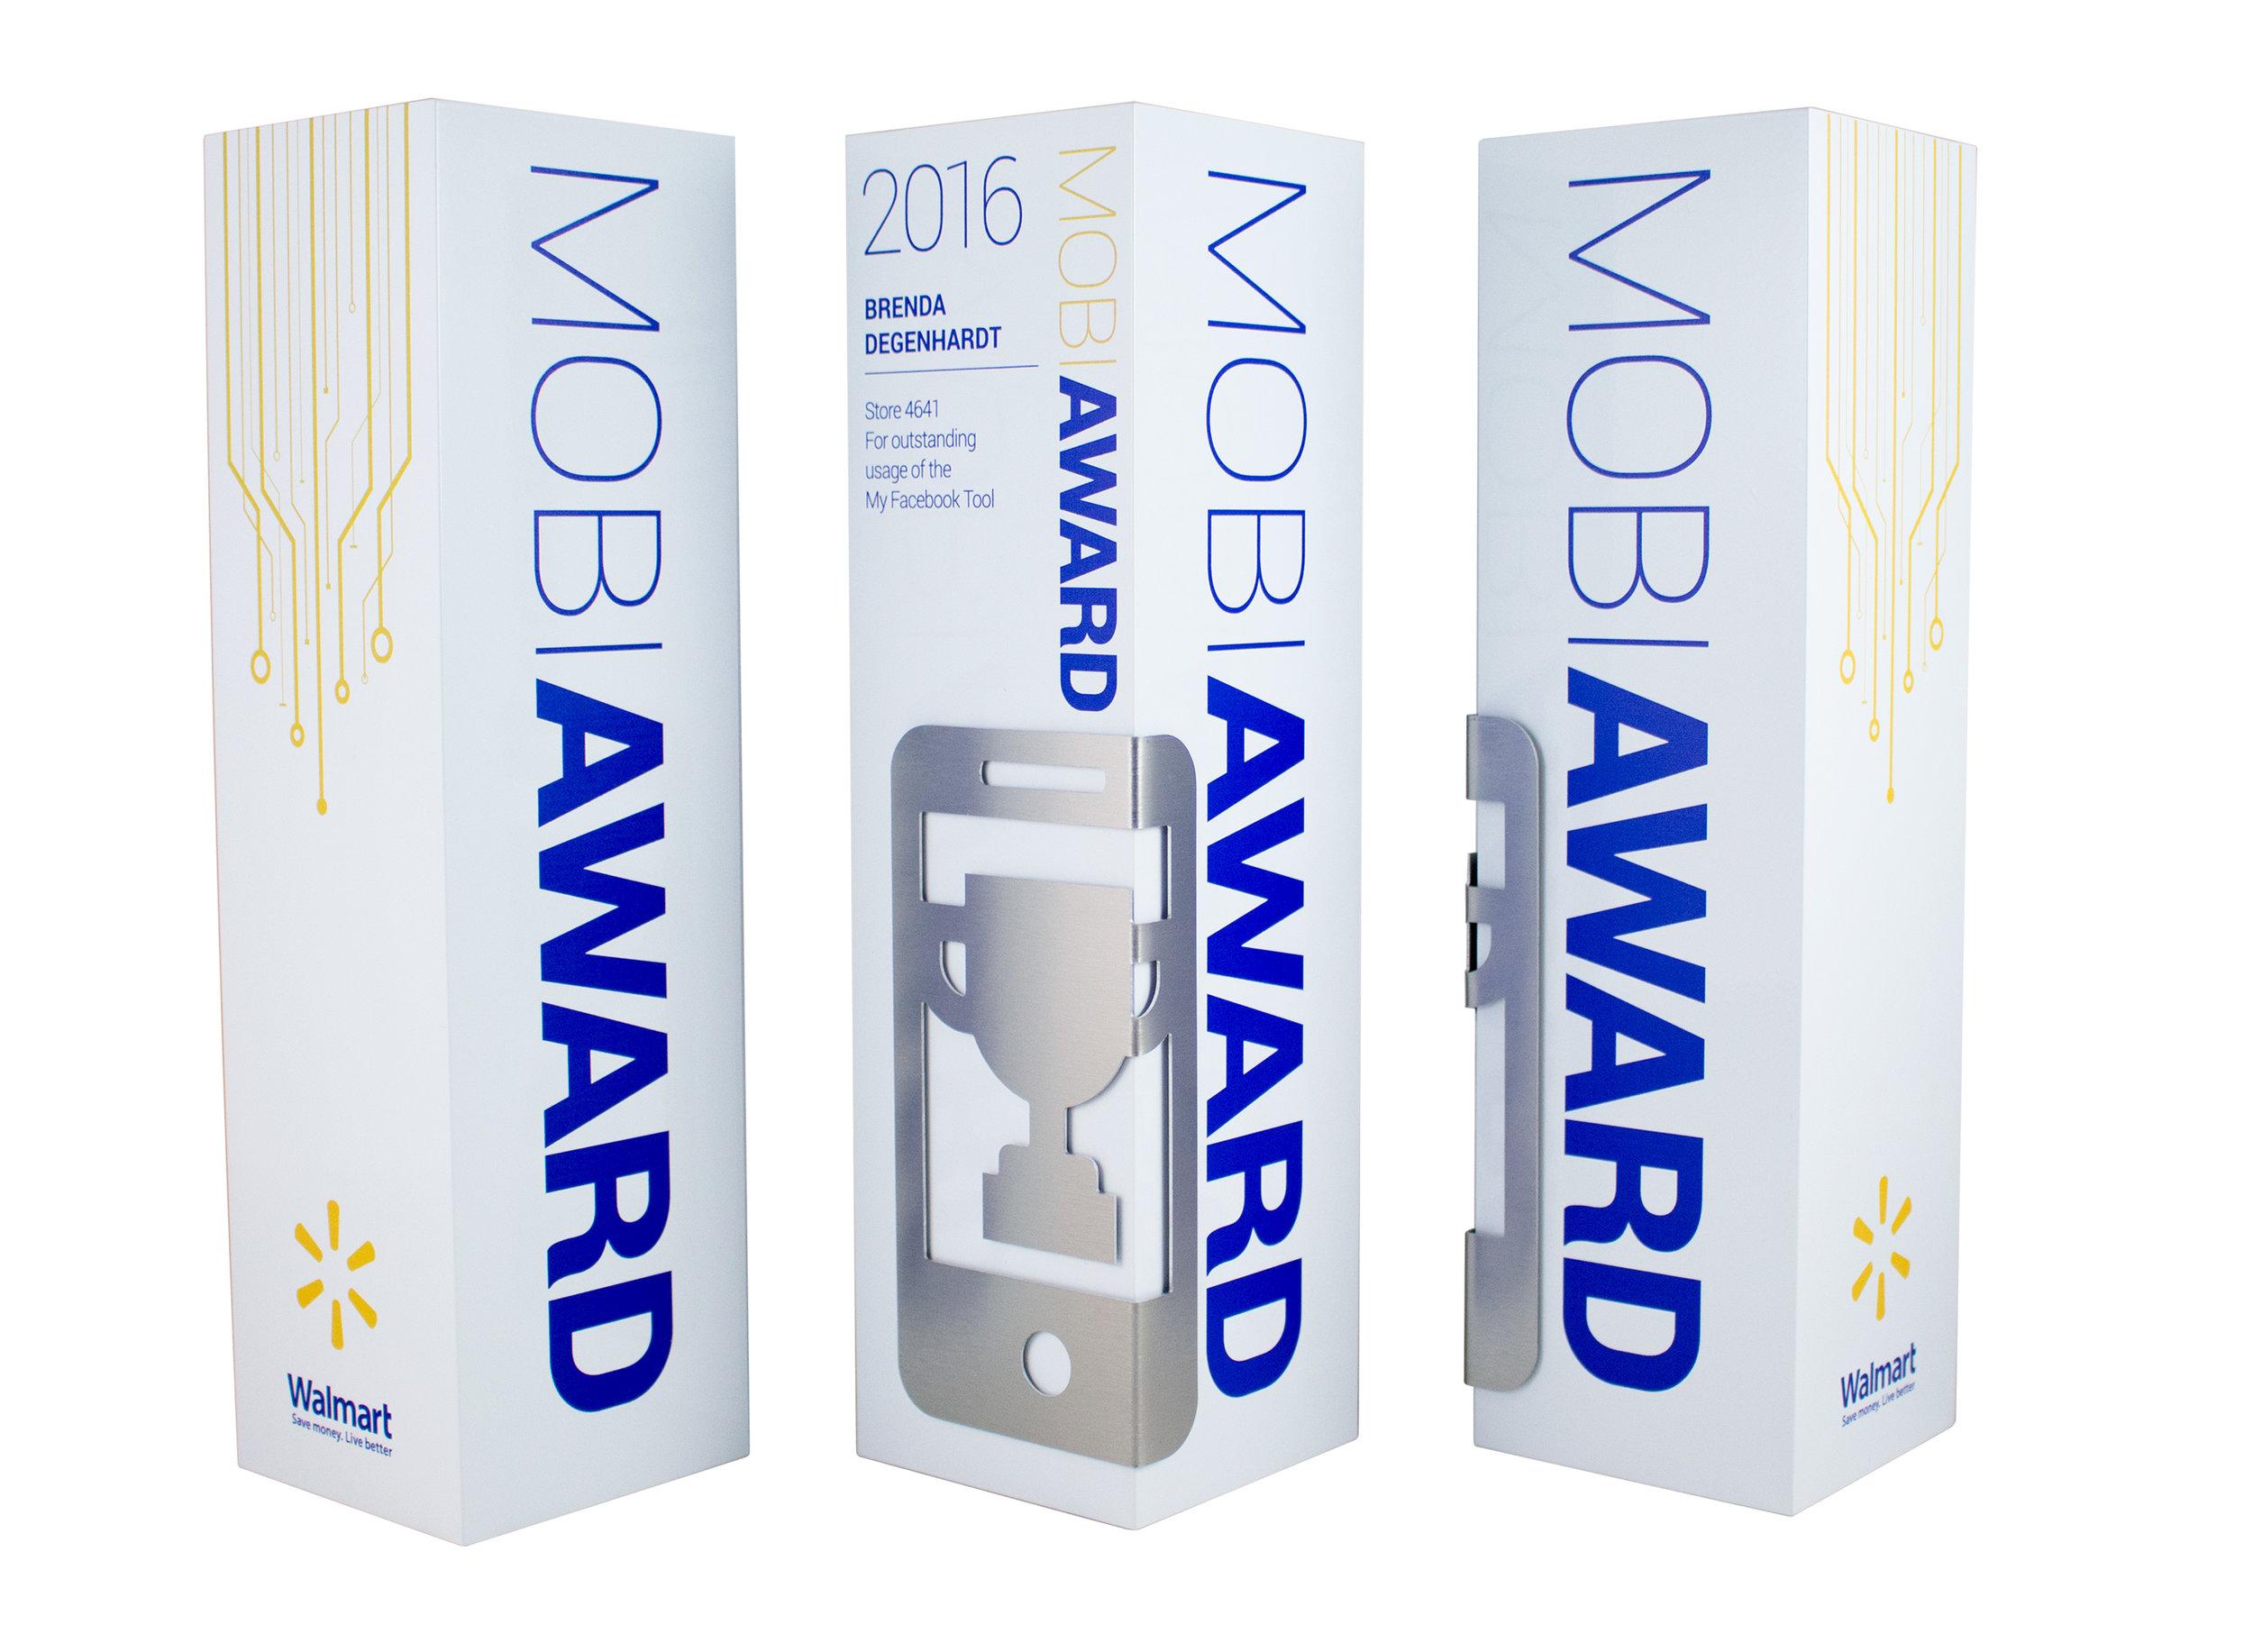 walmart usa custom awards modern